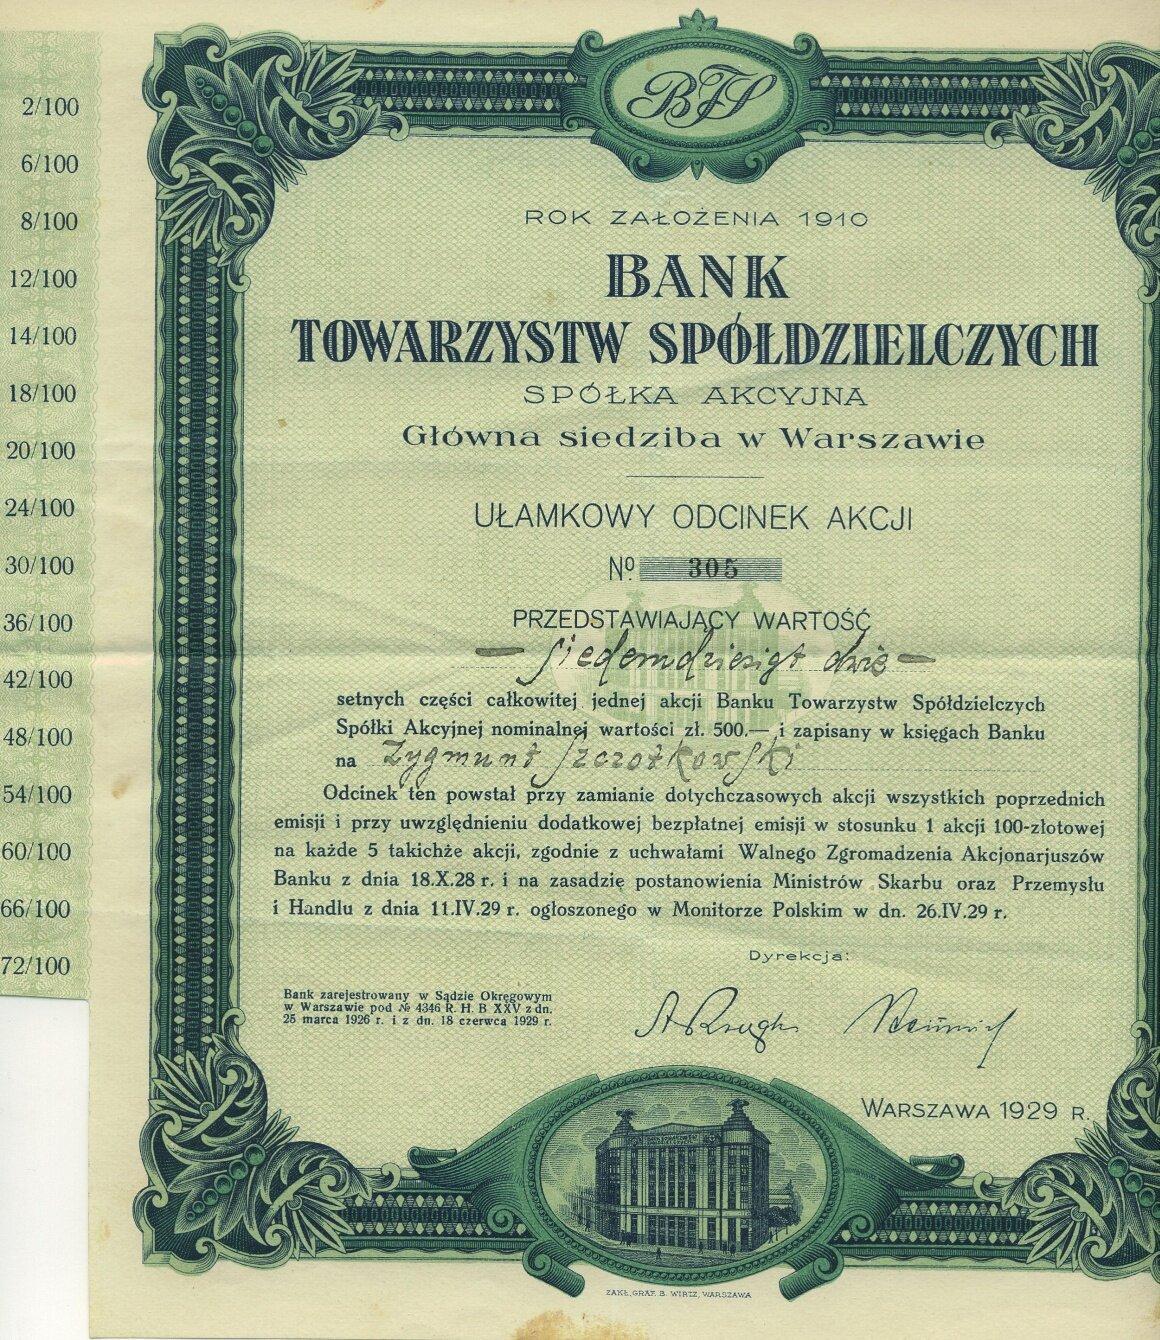 Akcja Banku Towarzystw Spółdzielczych z1929 roku Źródło: Julo, Akcja Banku Towarzystw Spółdzielczych z1929 roku, licencja: CC BY-SA 2.5.